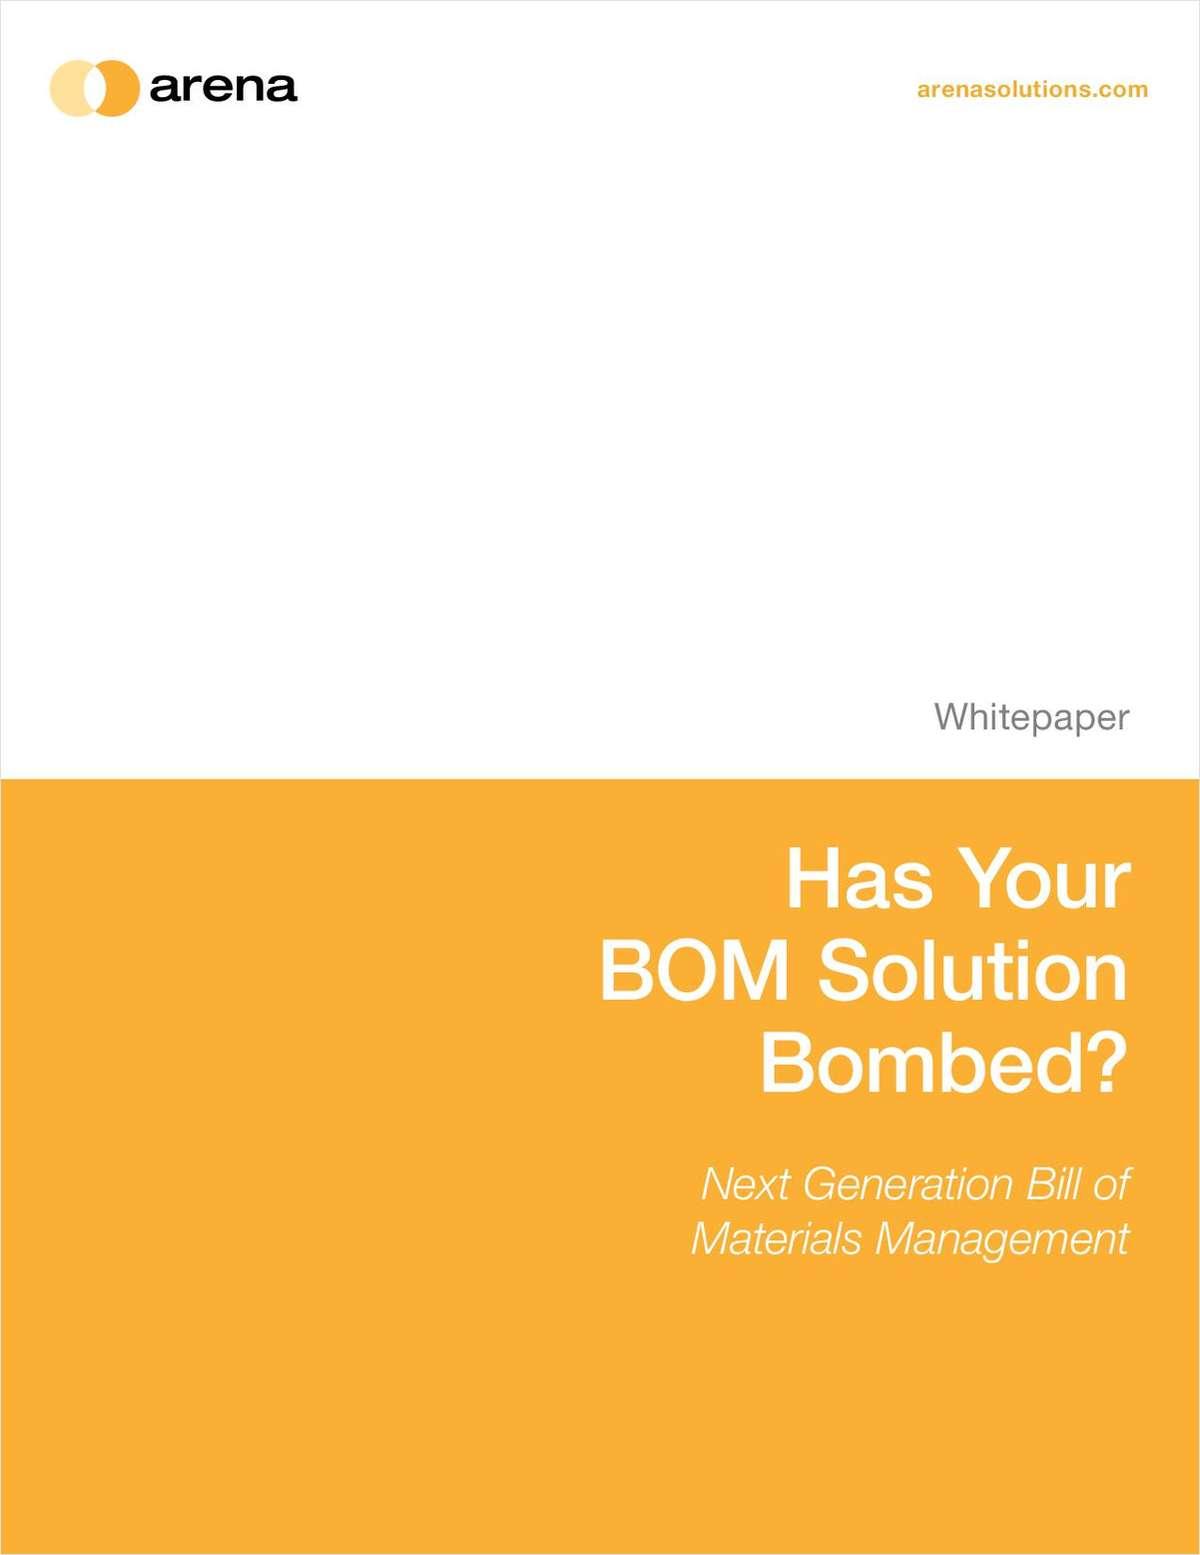 Beyond BOM 101: Next Generation of Bill Materials Management